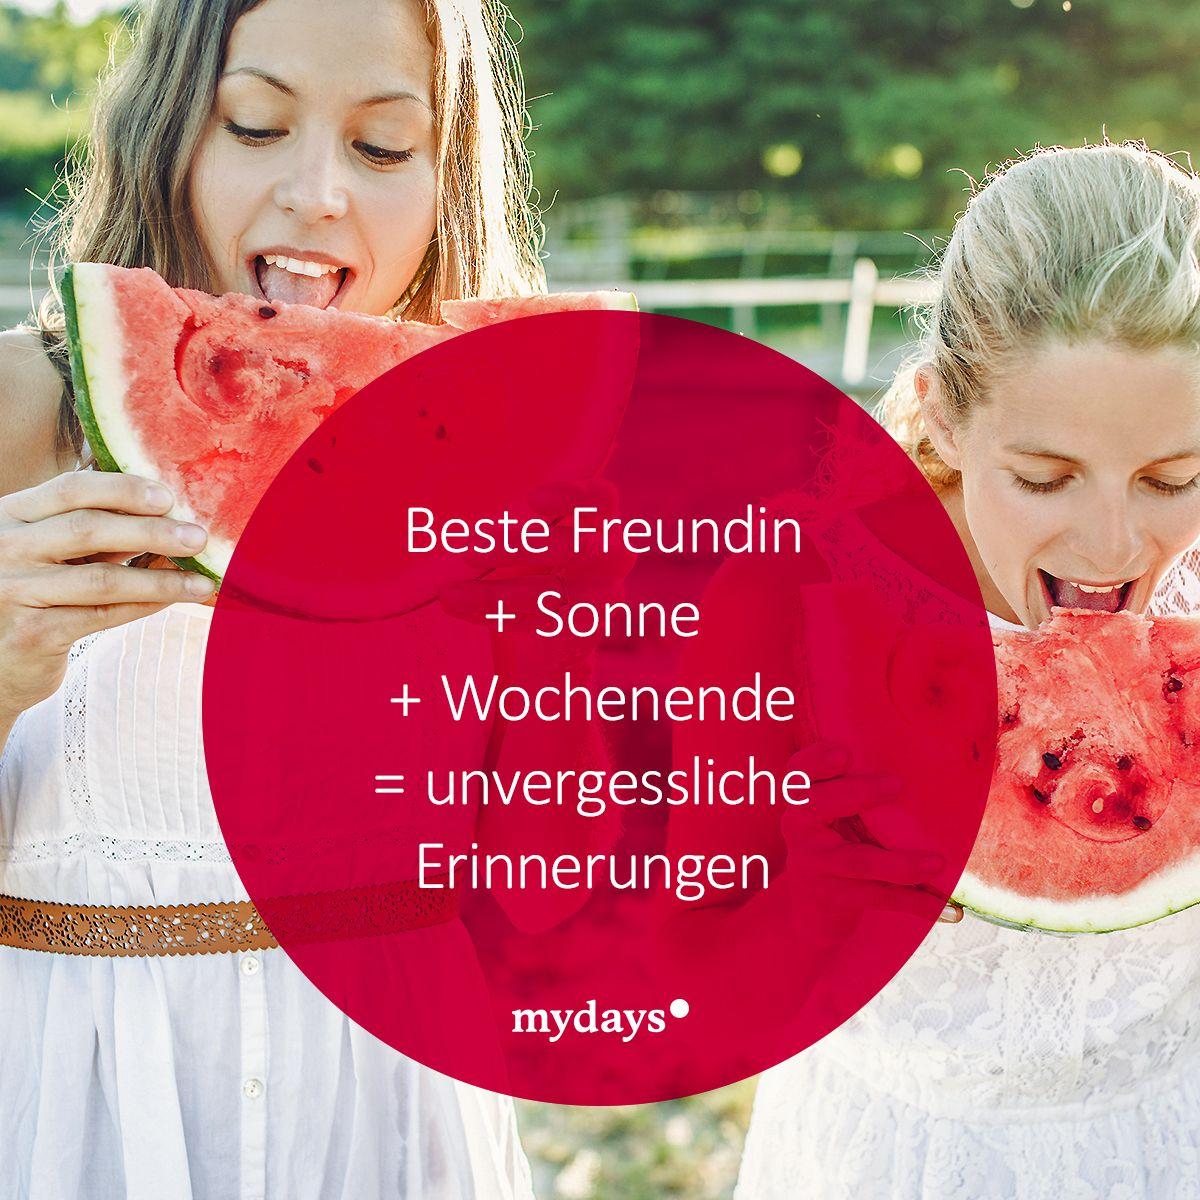 Beste Freundin + Sonne + Wochenende = unvergessliche